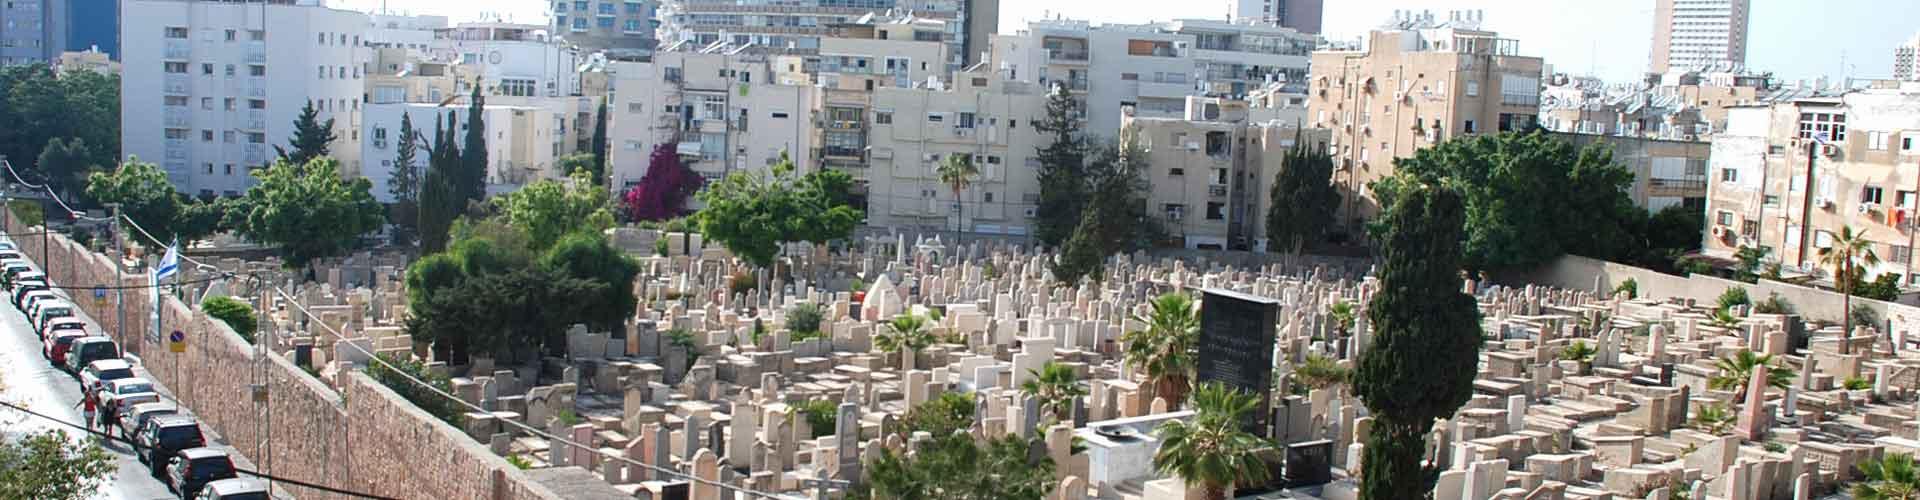 בית הקברות טרומפלדור - סיור מודרך